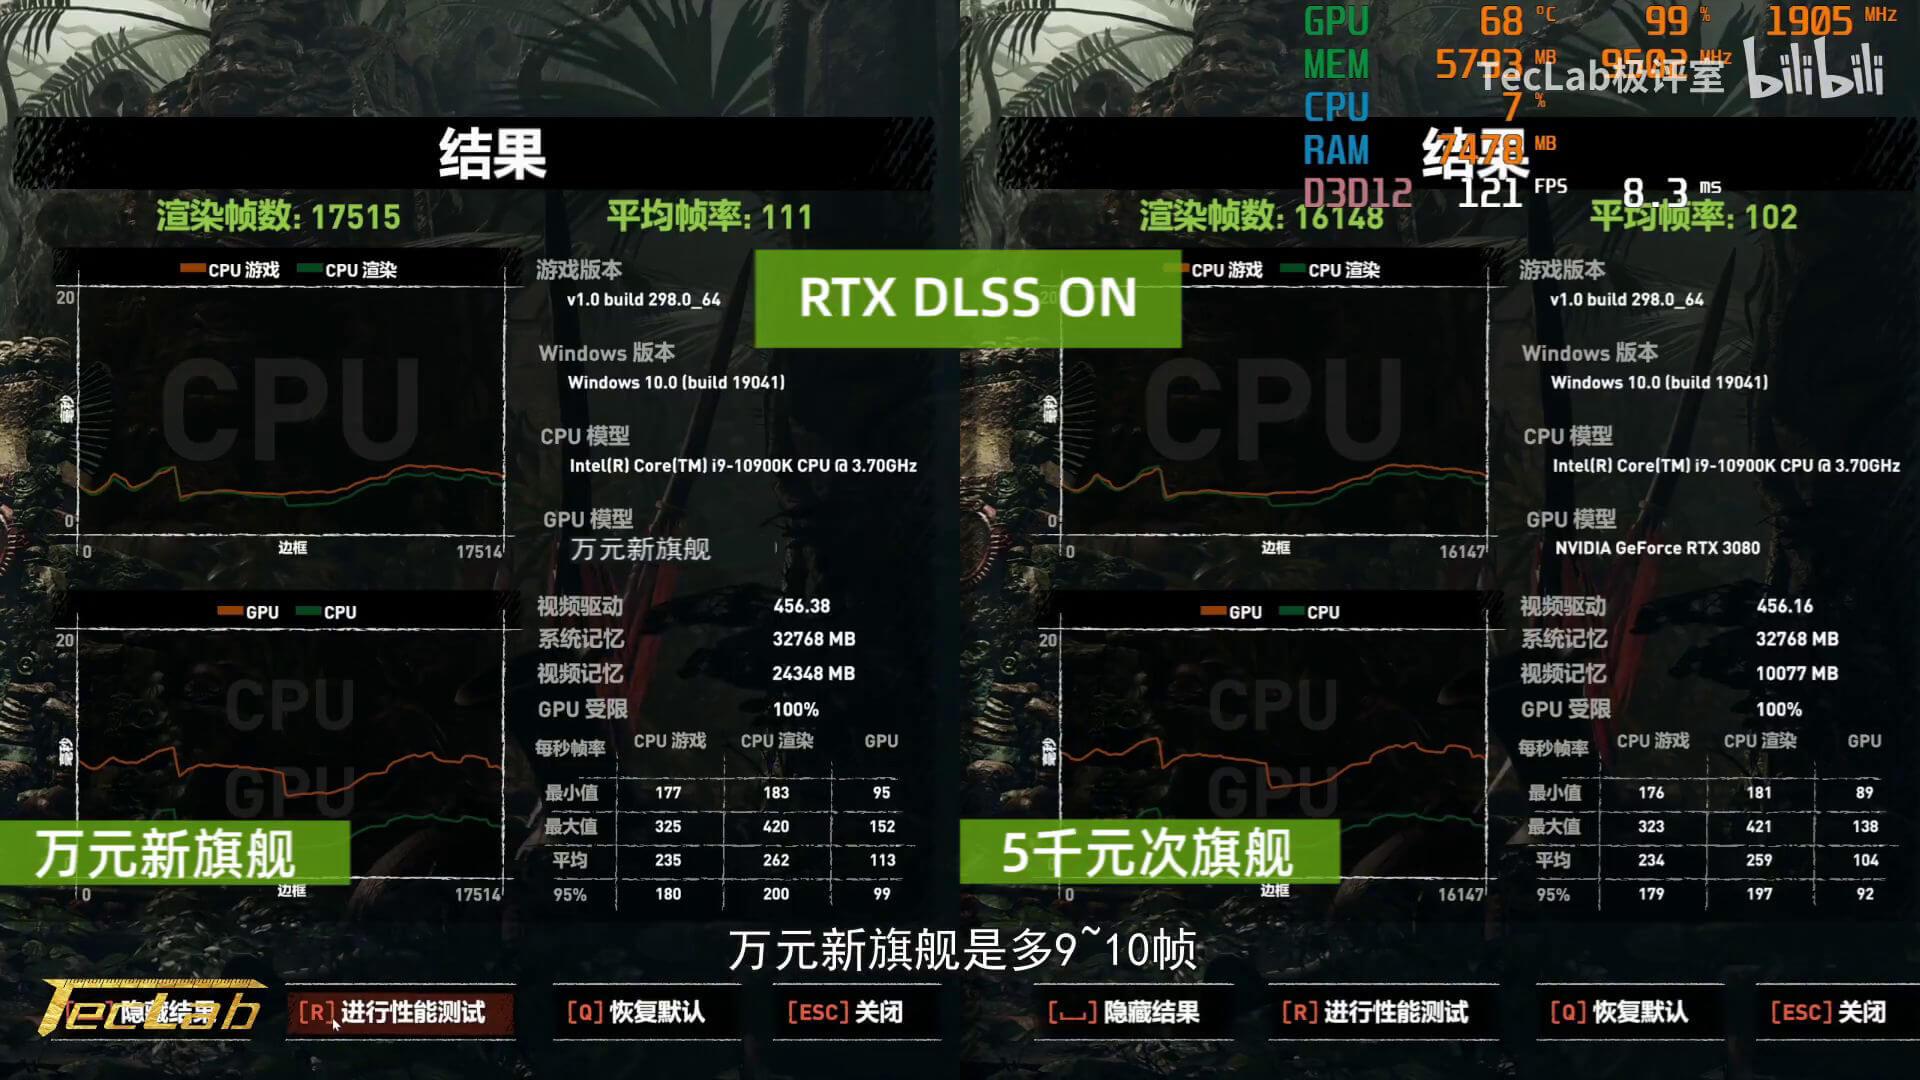 NVIDIA RTX3090 leaked benchmarks-8